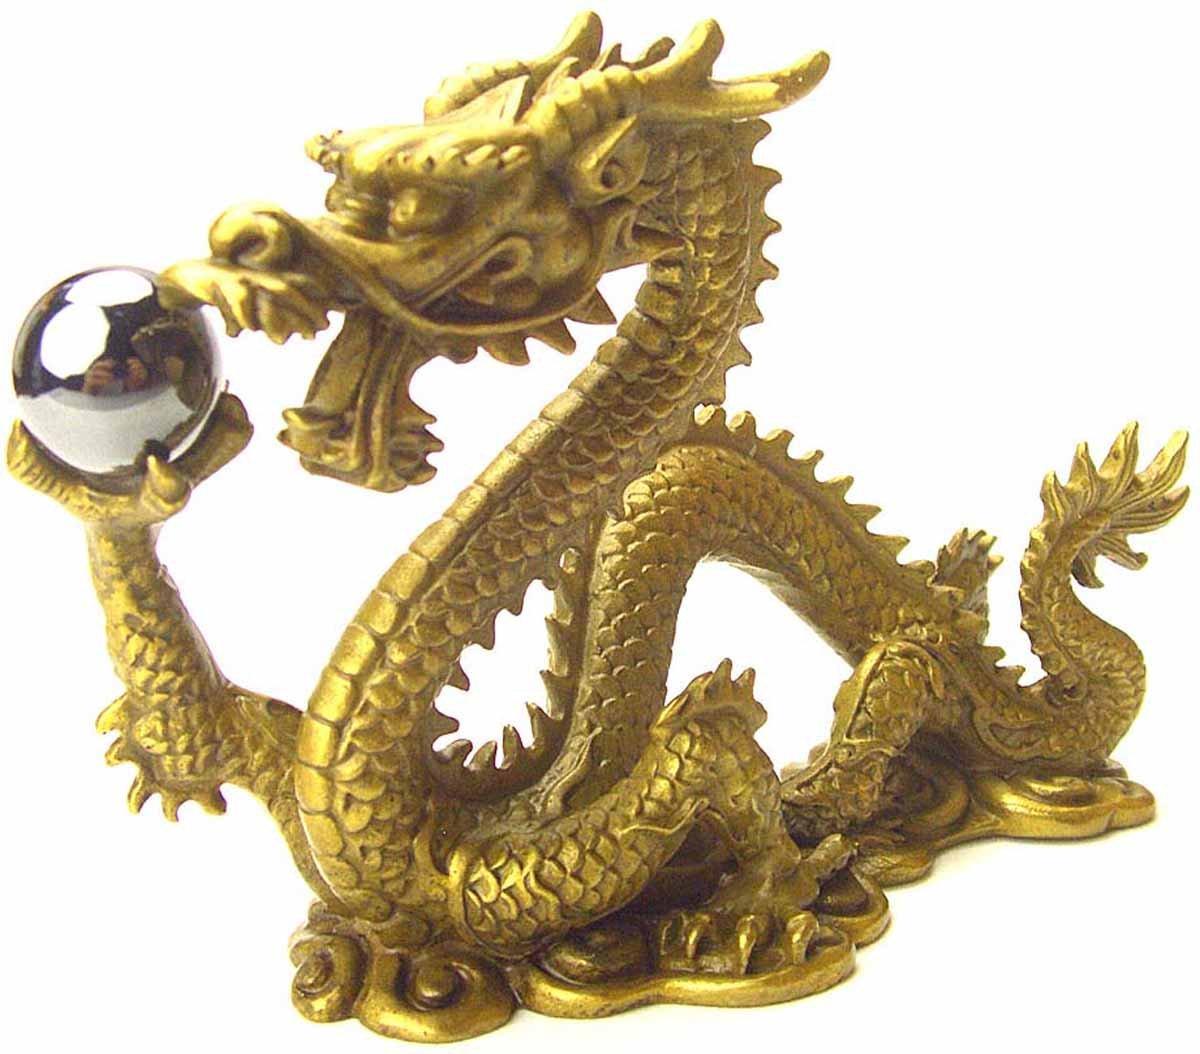 風水の皇帝龍五本指の願い龍(銅製) ヘマタイト付き 勝負運 B002KAP7Y2